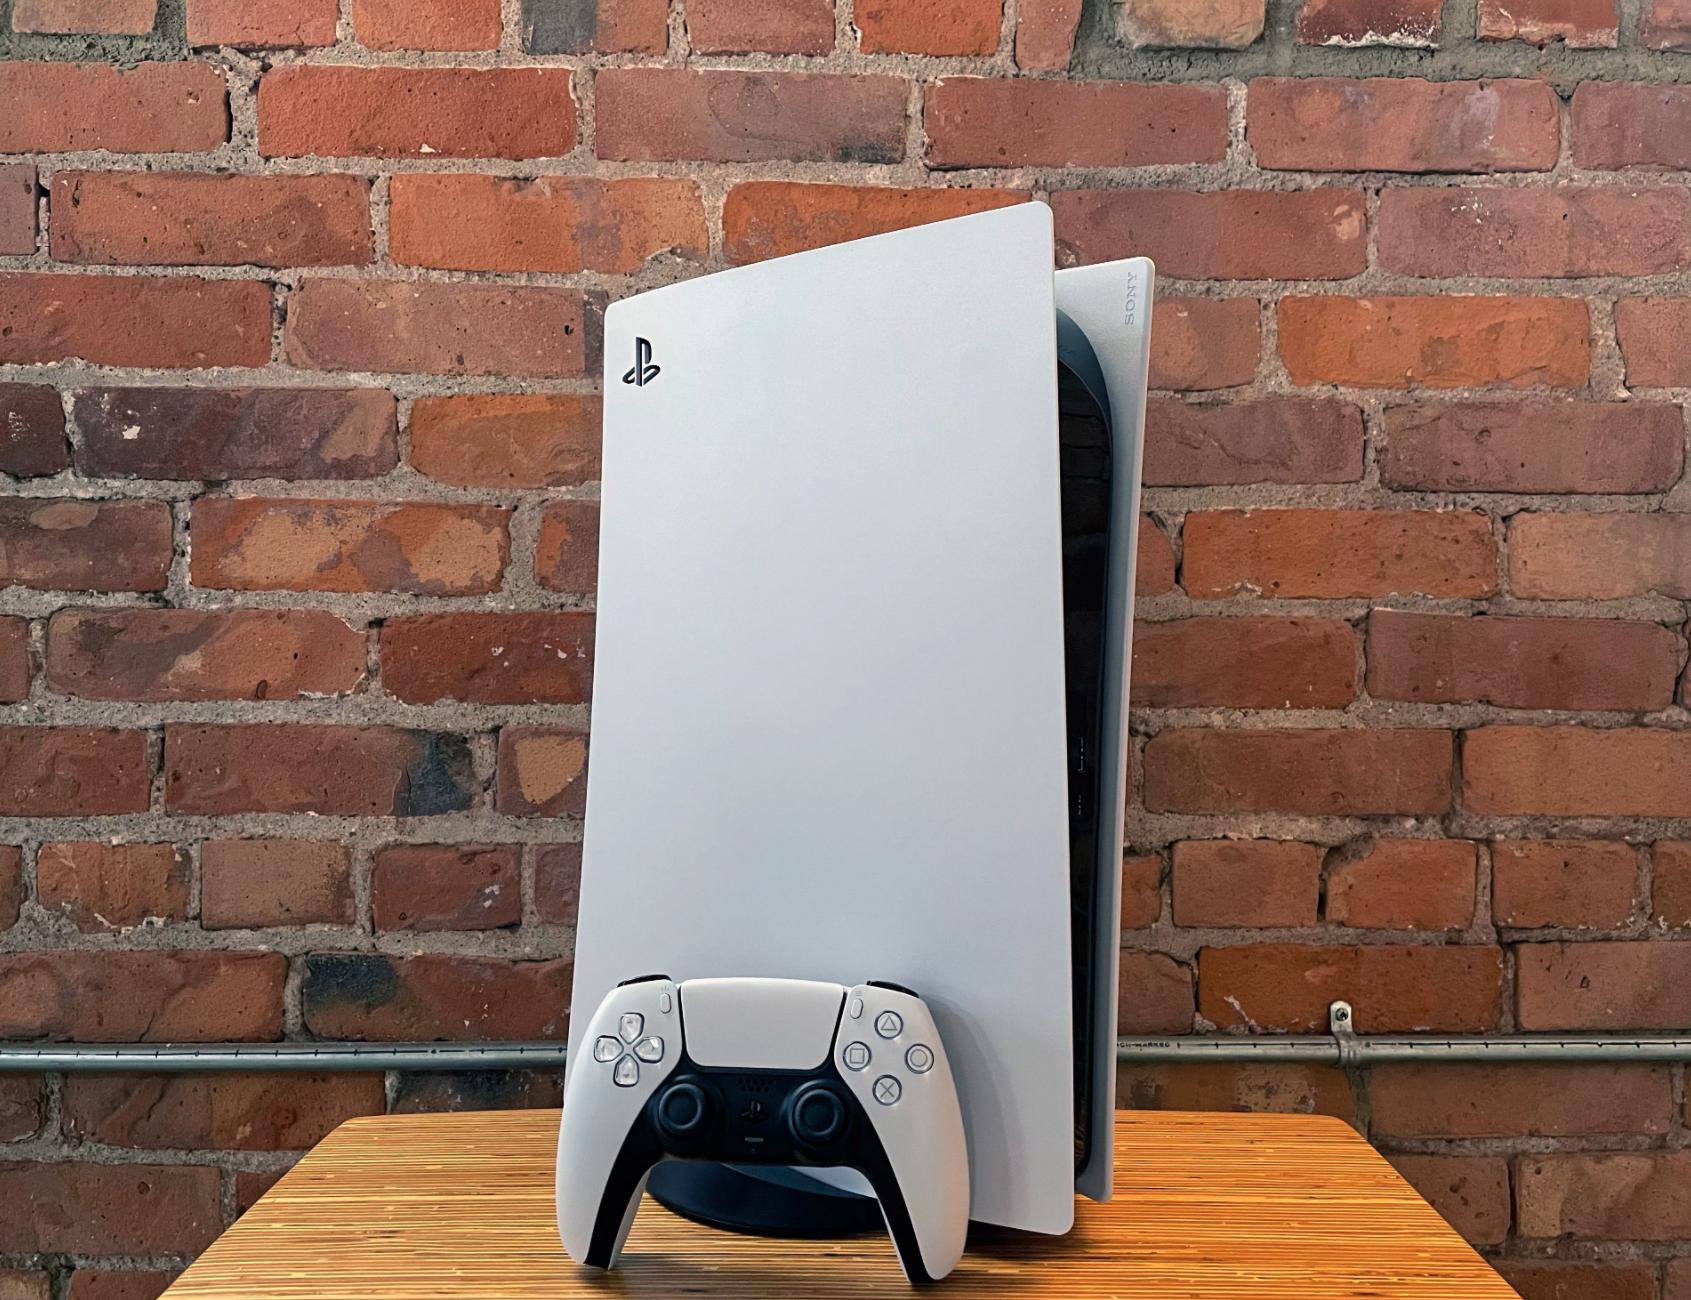 PS5 Restock updates April